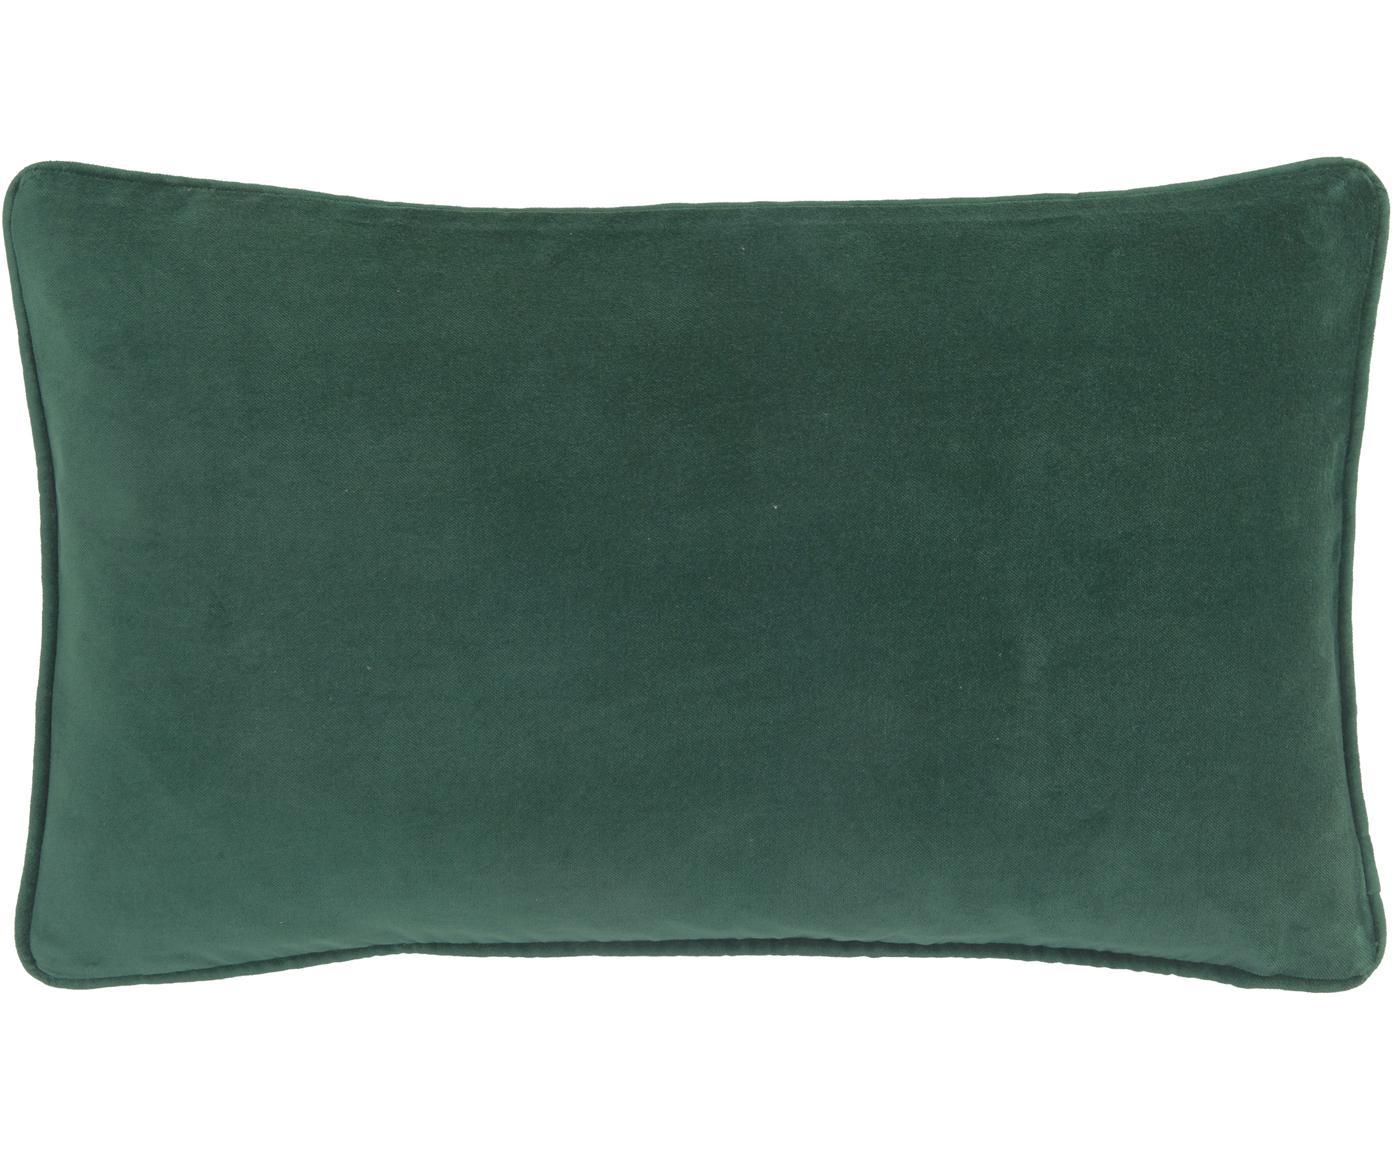 Poszewka na poduszkę z aksamitu Dana, Aksamit bawełniany, Szmaragdowy, S 30 x D 50 cm